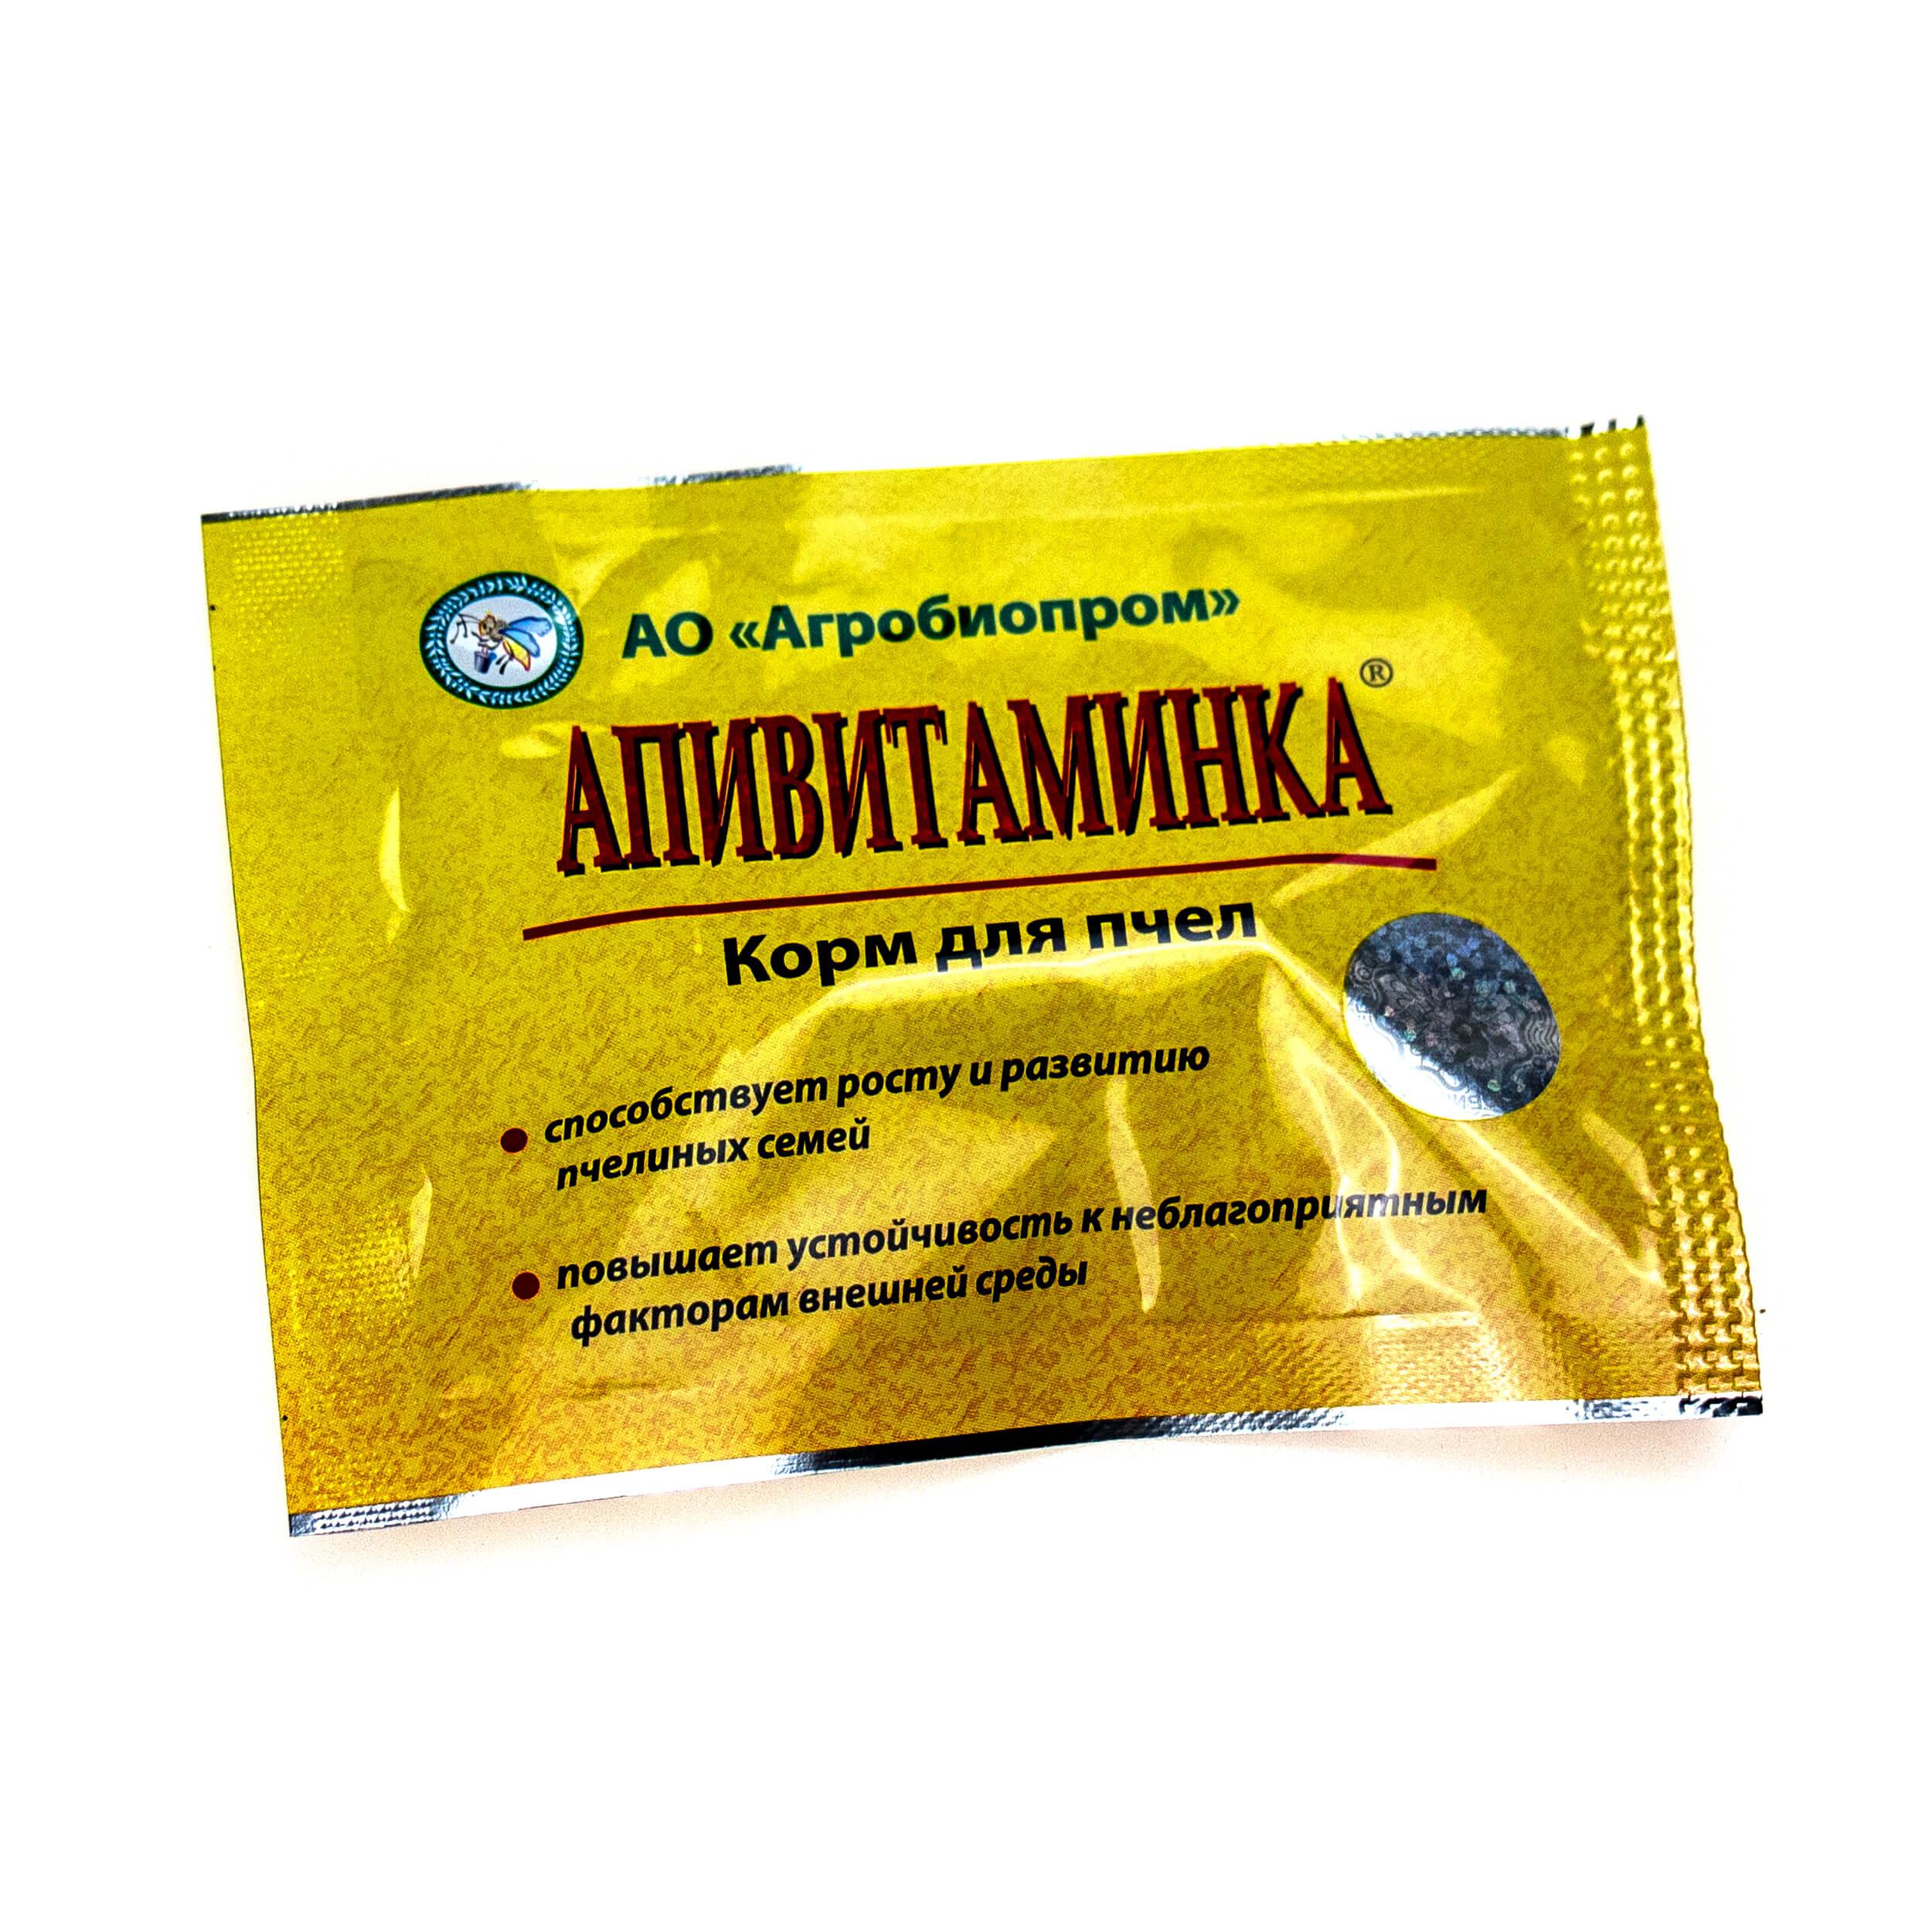 АпиВитаминка (Флакон, 2 мл) фото